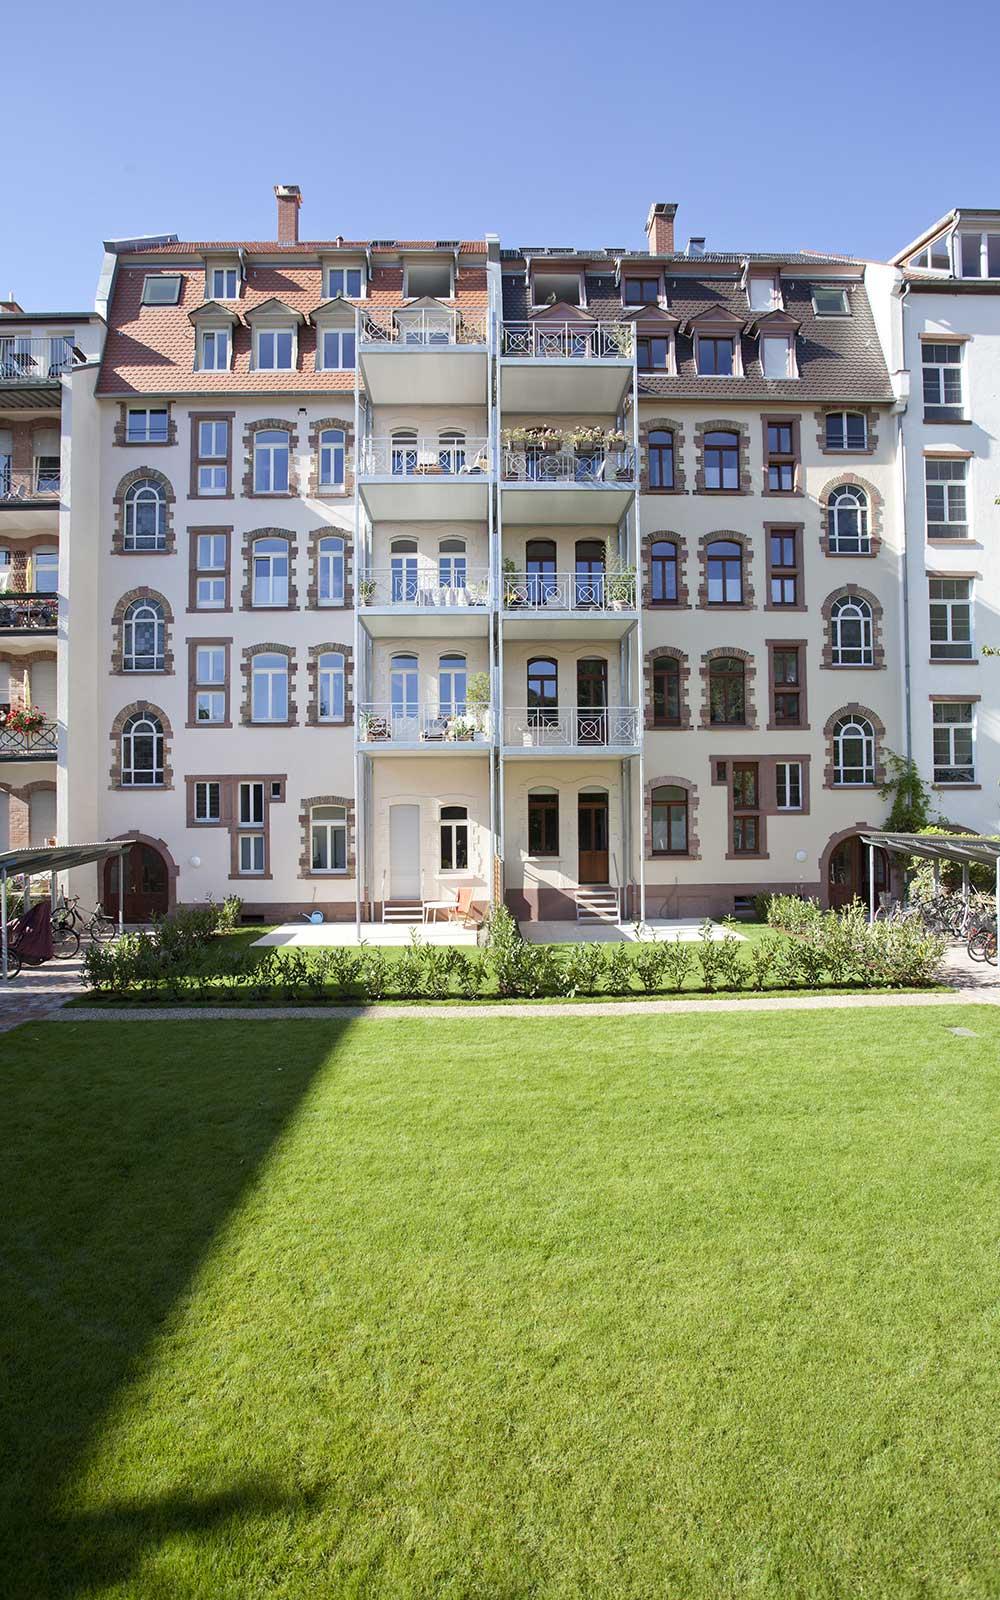 Jugendstil Heidelberg Neuenheim, Architekturbüro Heidelberg: Kochhan und Weckbach